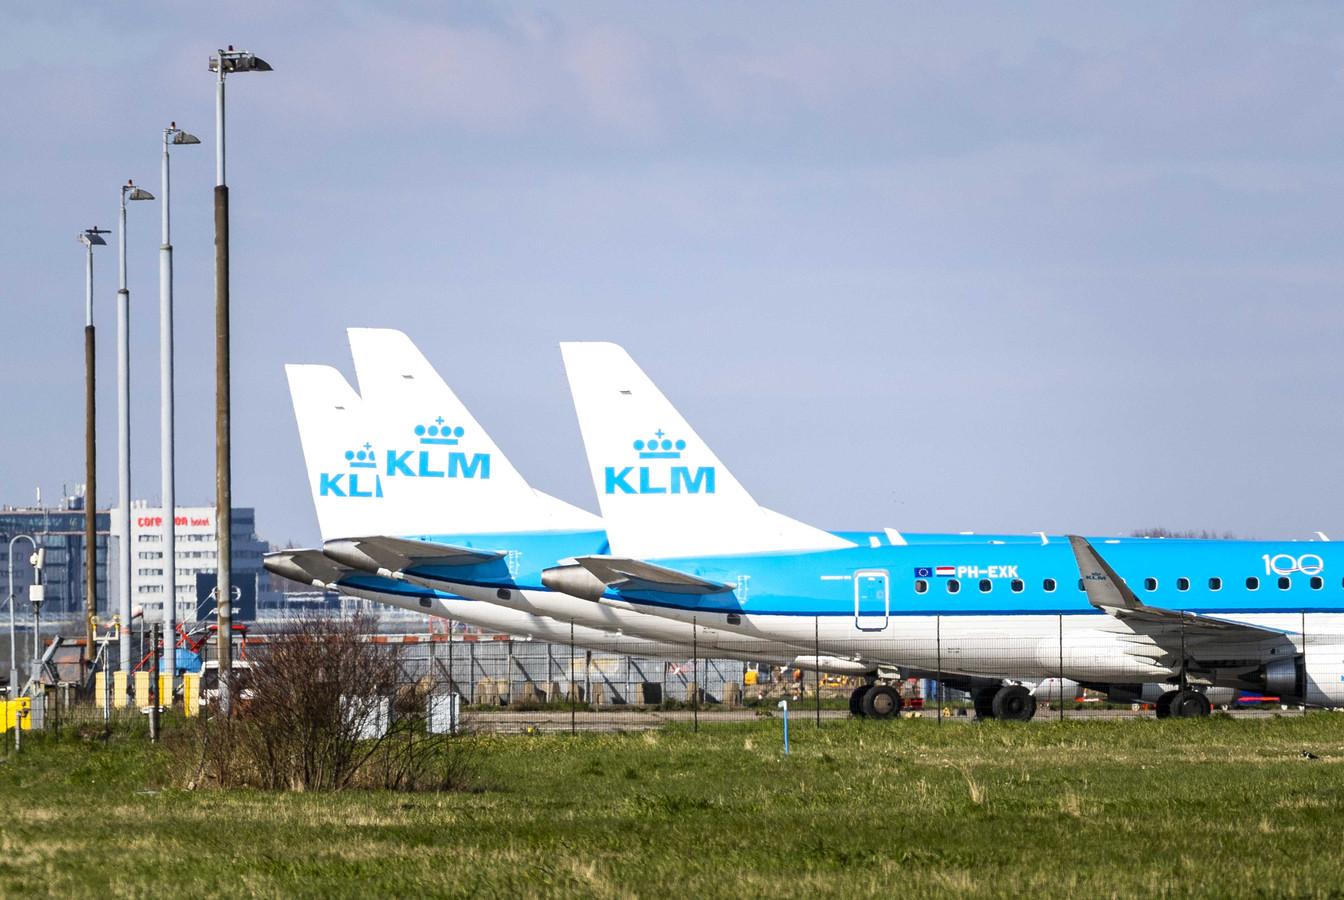 Vliegtuigen van KLM staan aan de grond op Schiphol. KLM bouwt haar Europese netwerk verder af, nu de maatschappij vanwege het nieuwe coronavirus steeds minder passagiers verwelkomt